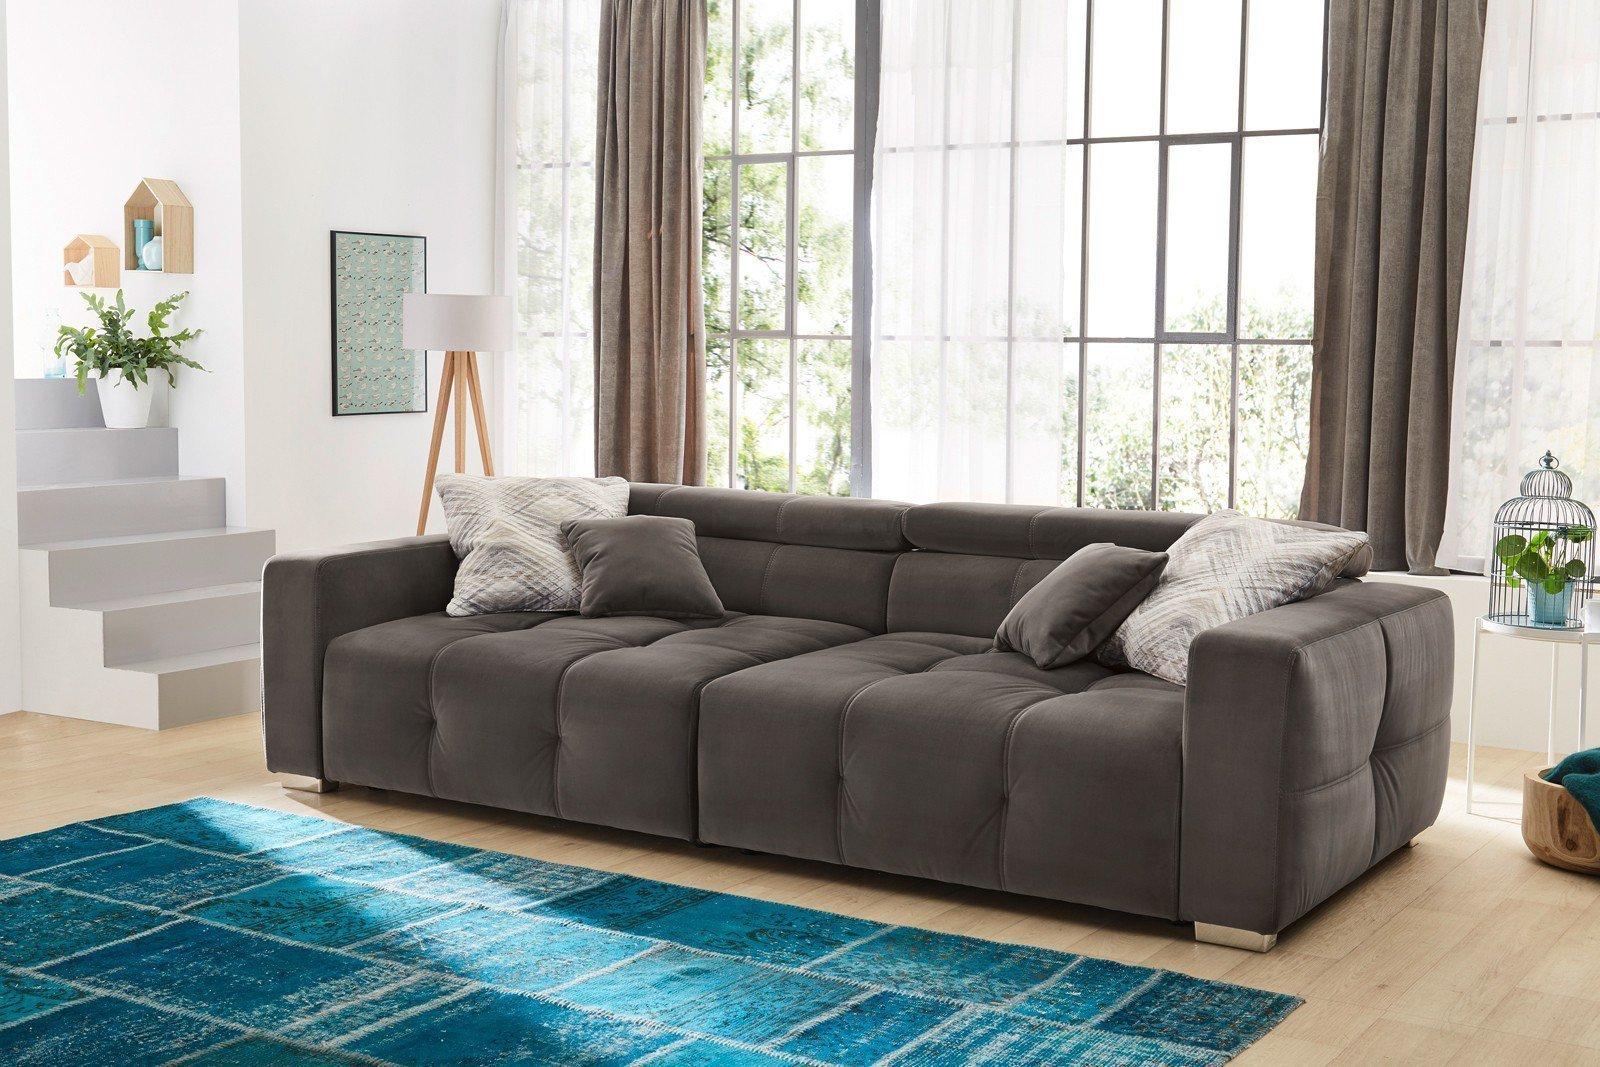 Full Size of Big Sofa Kaufen Natura Englisches Büffelleder Günstig Samt Küche Ikea Goodlife 2 Sitzer Mit Schlaffunktion Leinen Duschen Reinigen Marken Schlafsofa Sofa Big Sofa Kaufen